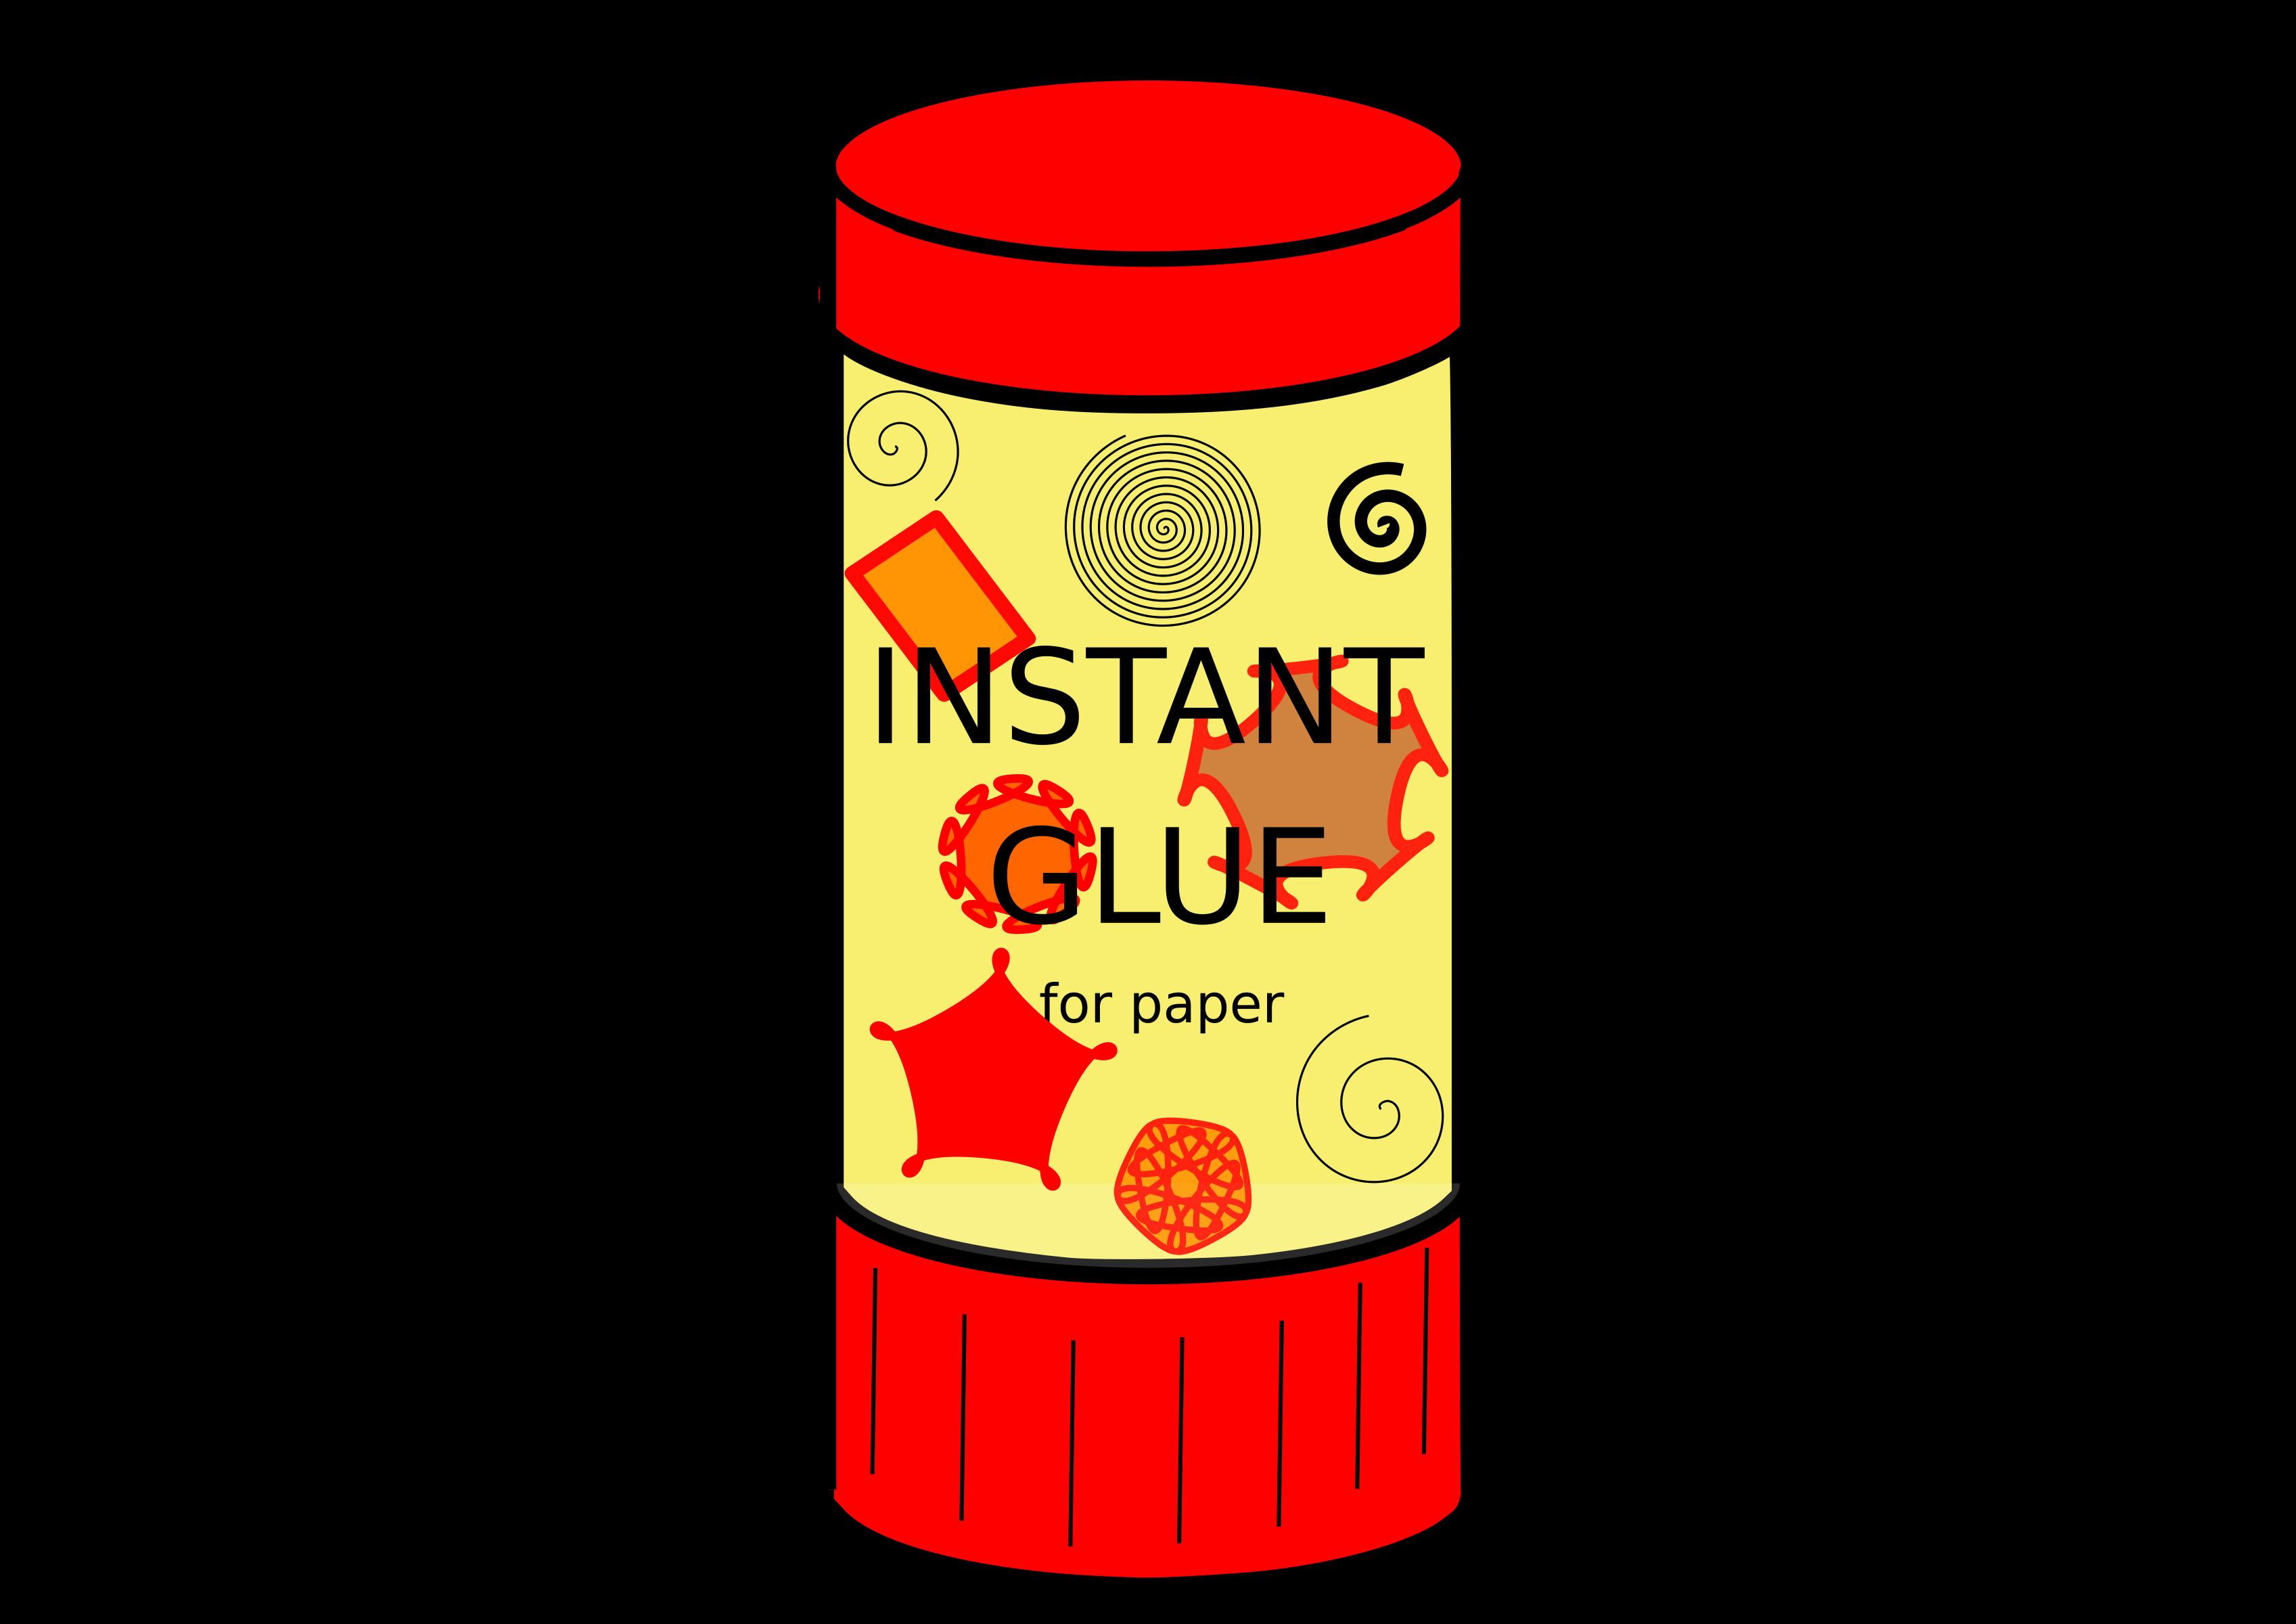 Clipart scissors gluestick. Glue stick icons png